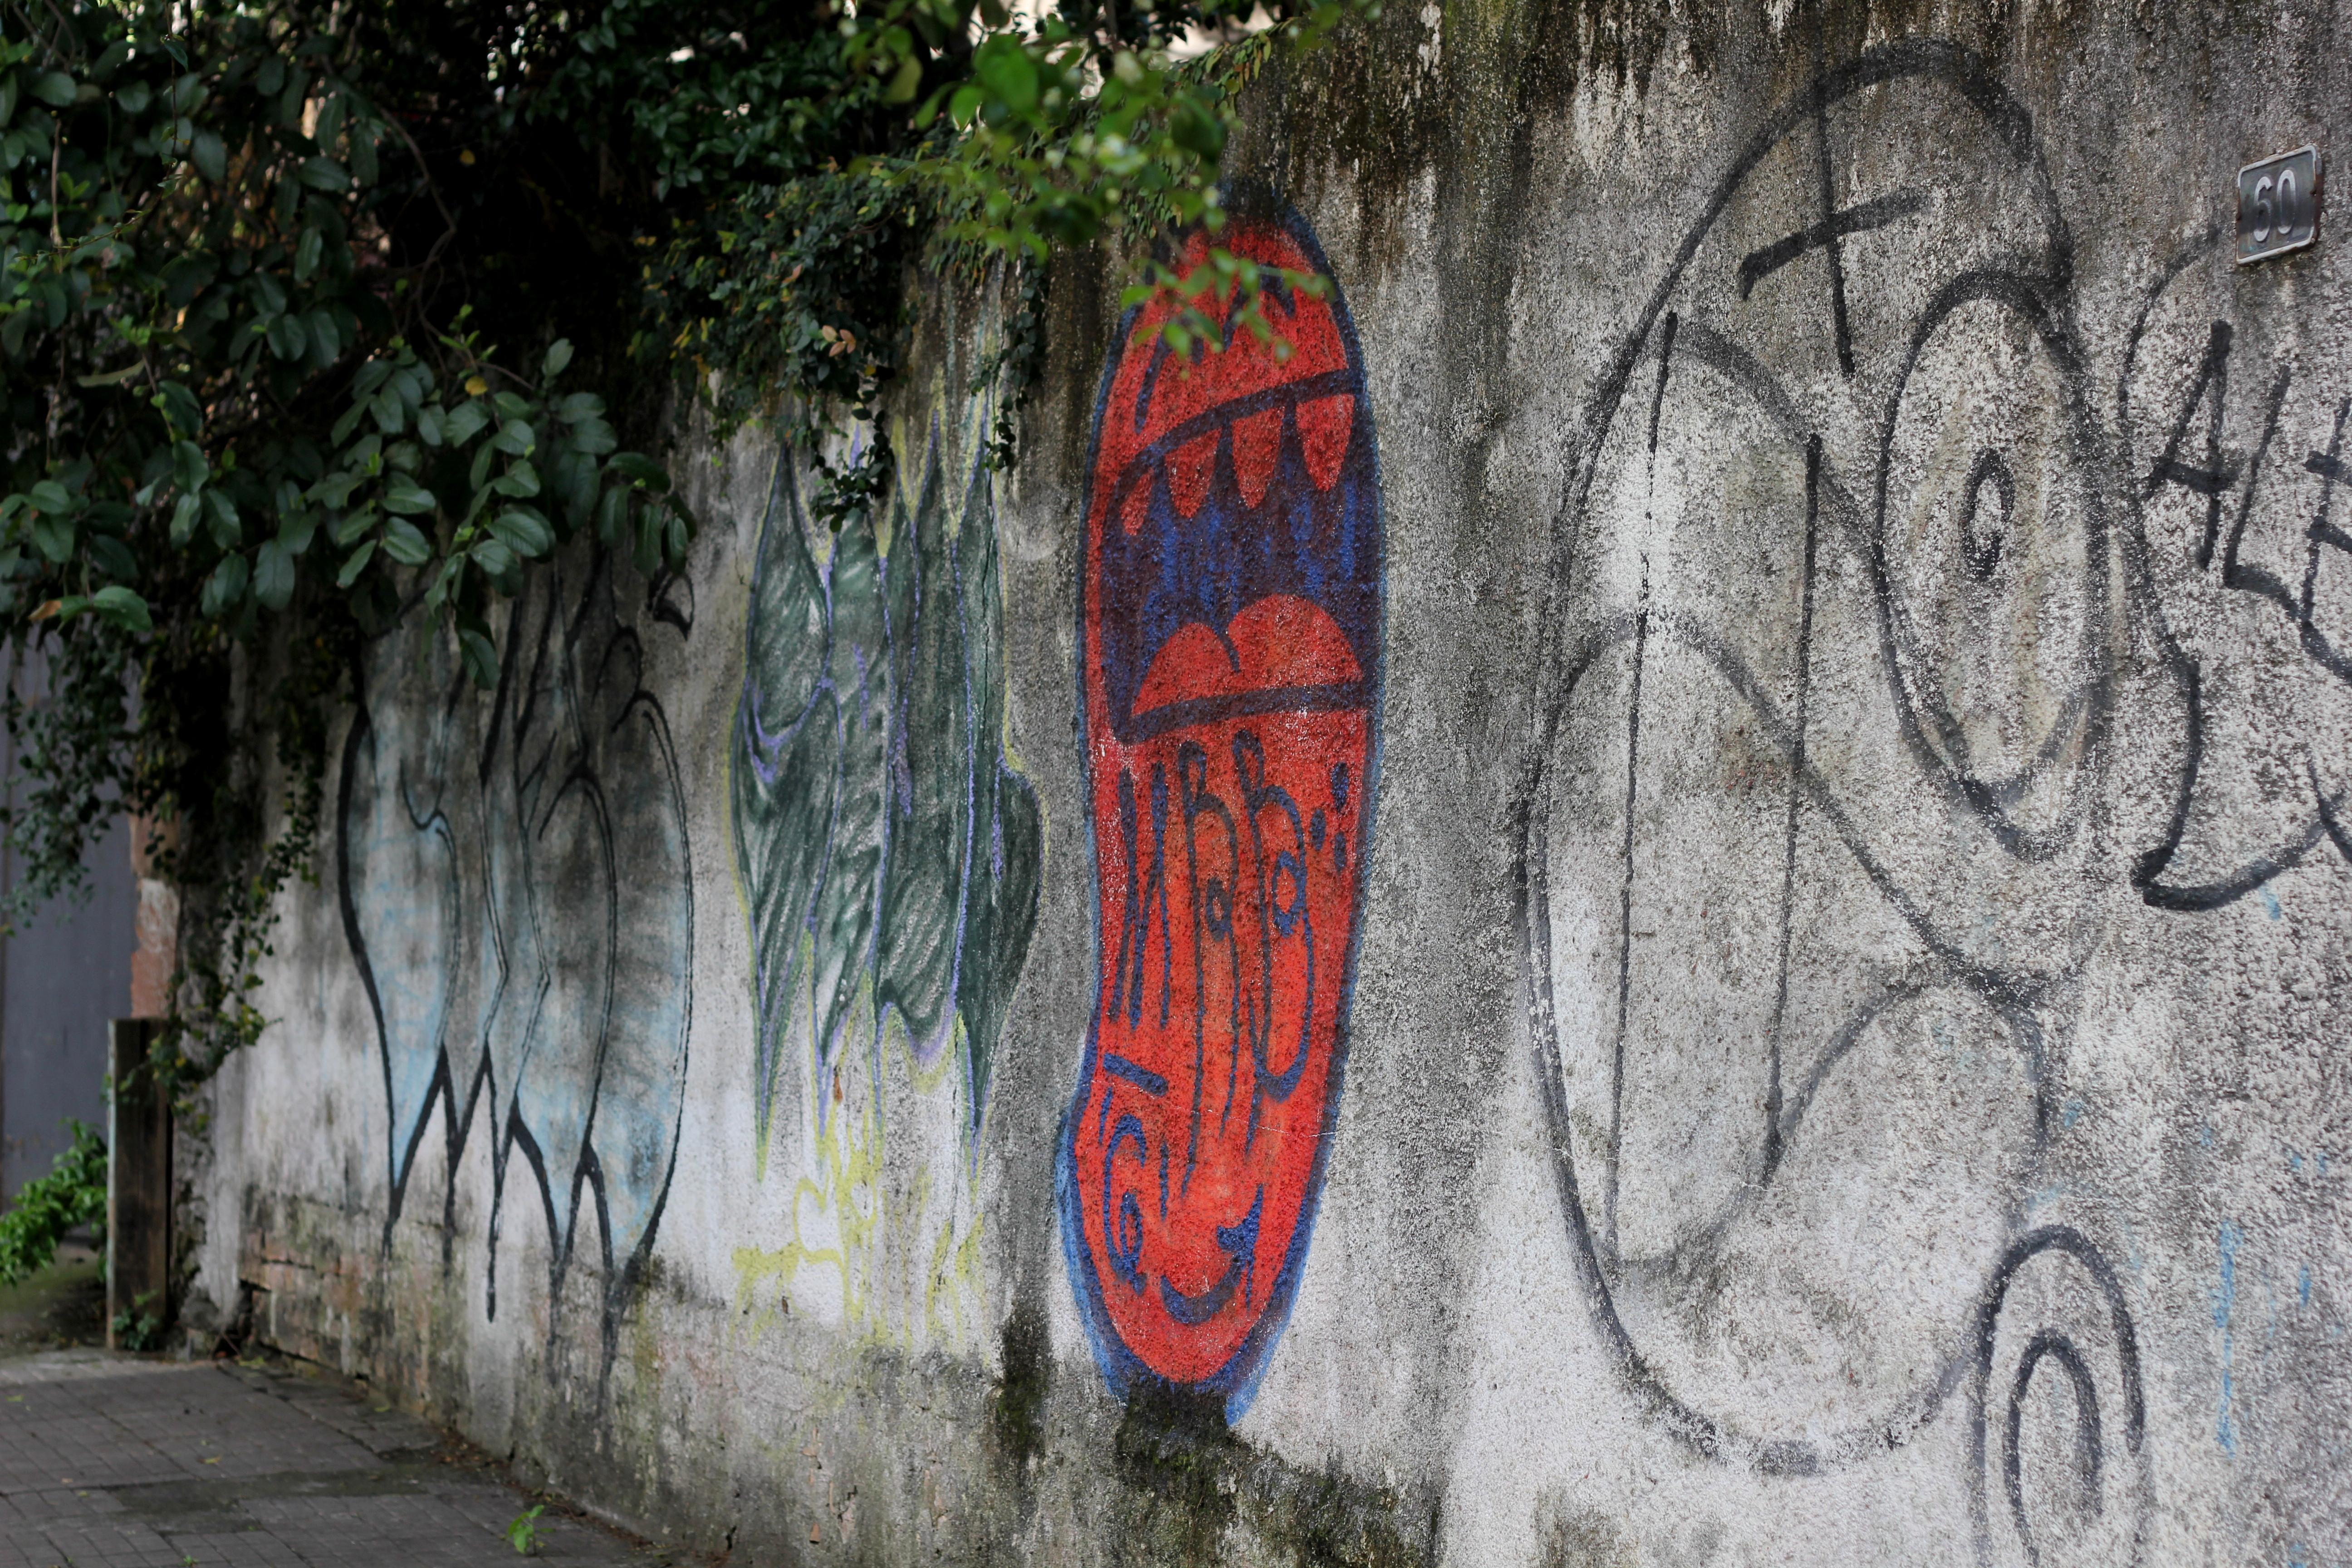 São Paulo's Street Art 2